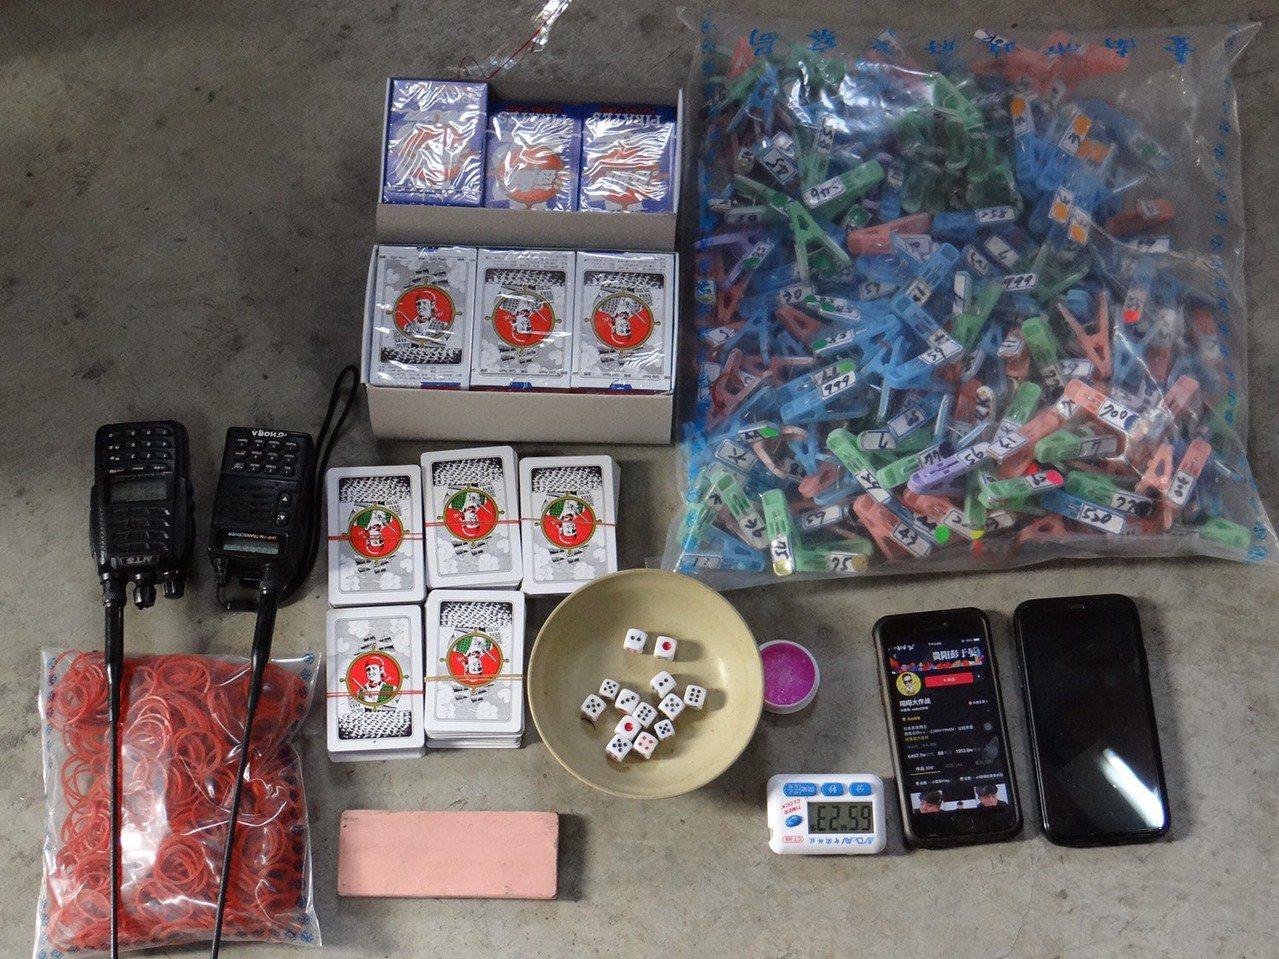 警方在麻豆區一處柚子園查獲流動性職業賭場,在場38人全帶回。記者吳淑玲/翻攝